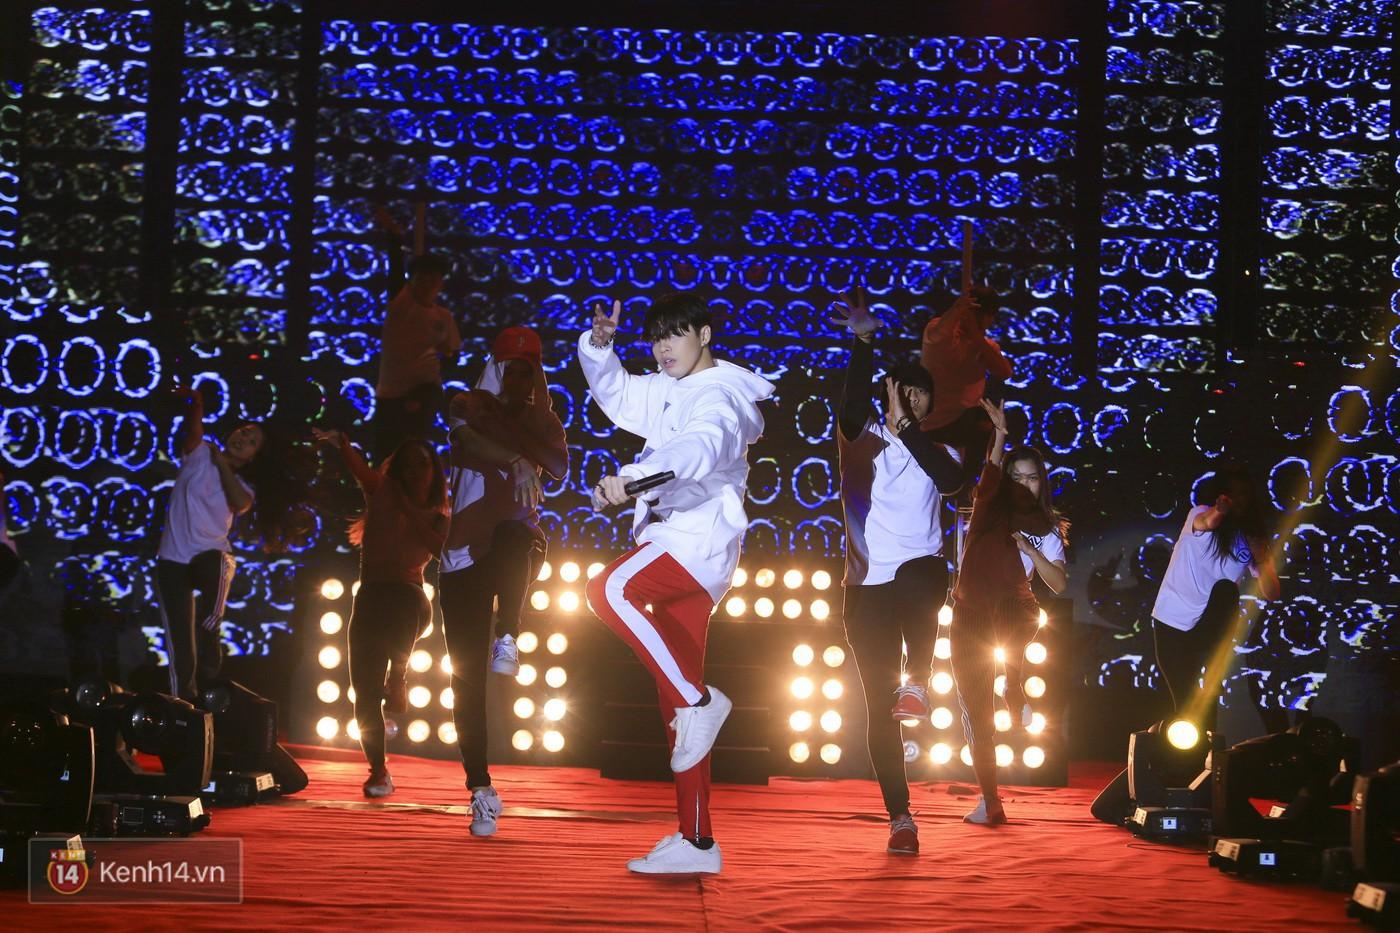 Noo Phước Thịnh tập trung cao độ cho buổi tổng duyệt chính thức trước thềm liveshow kỉ niệm 9 năm ca hát - Ảnh 12.